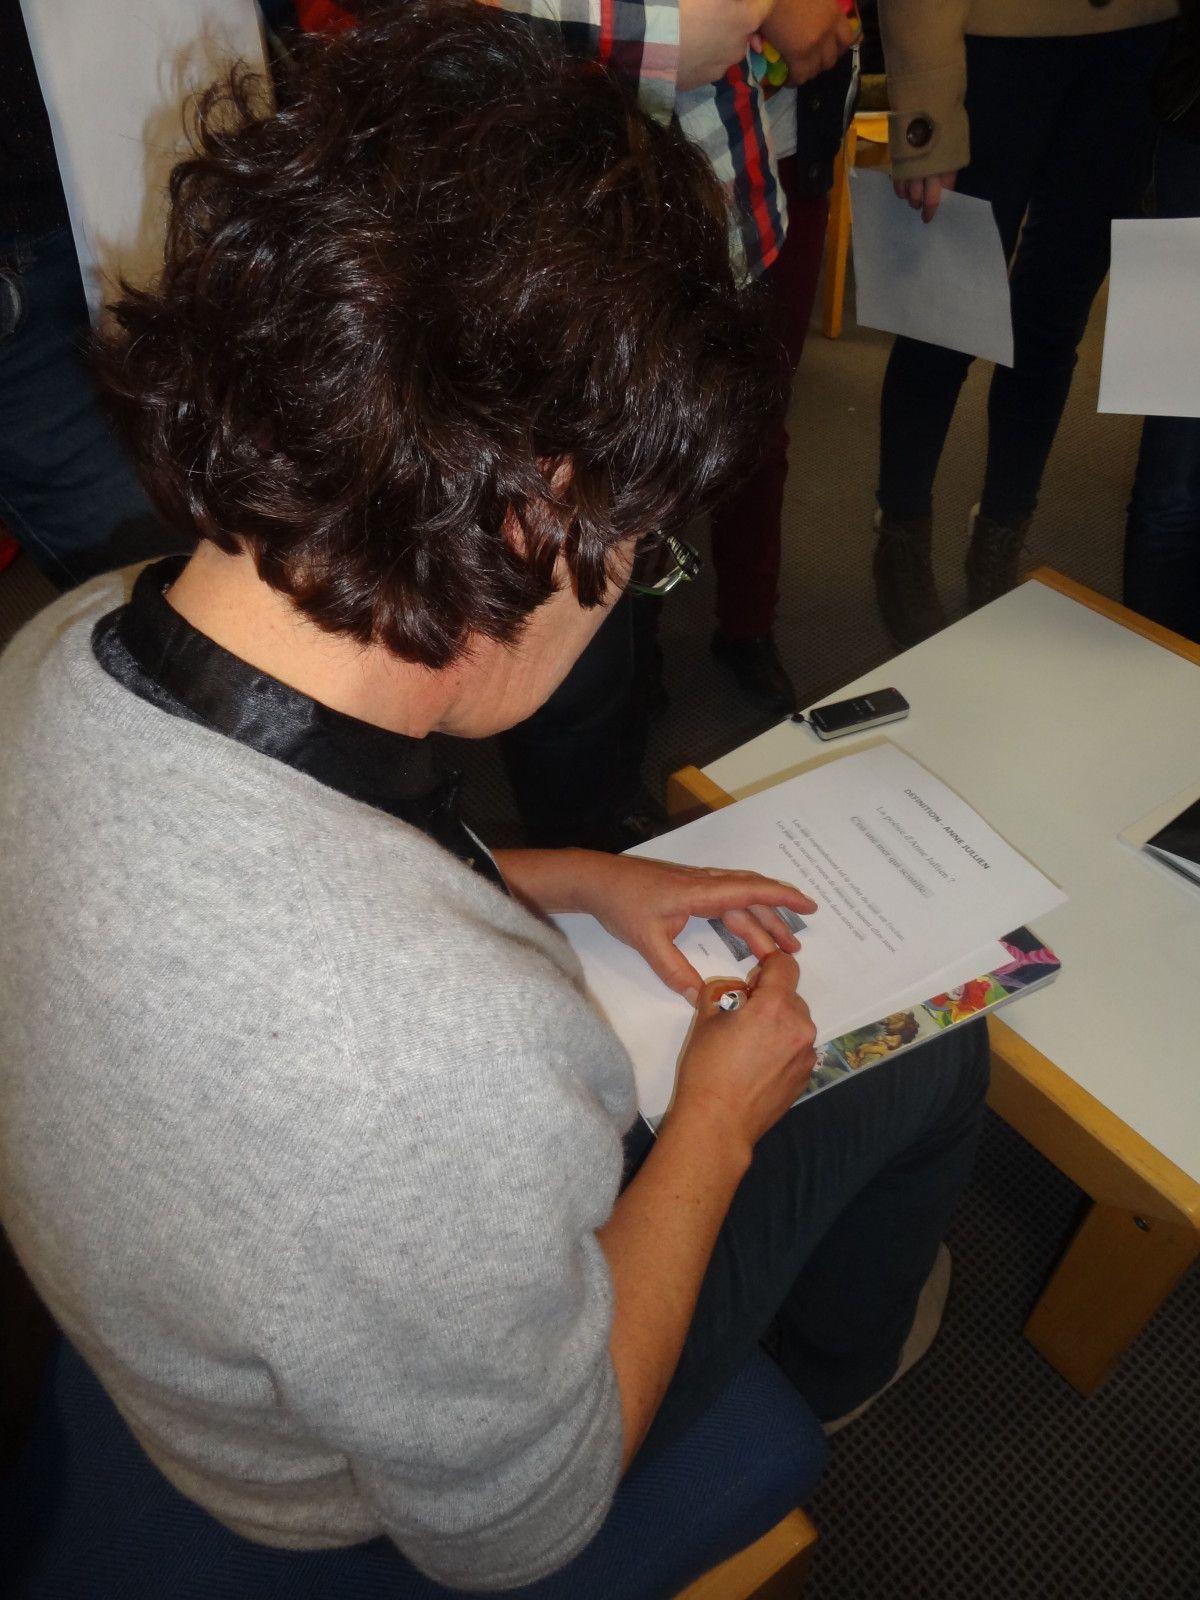 Jeudi 25 janvier 2013, au CDI du lycée de l'Iroise à Brest, les lycéens d'i-voix ont rencontré  Anne Jullien auteure du recueil Flottilles.